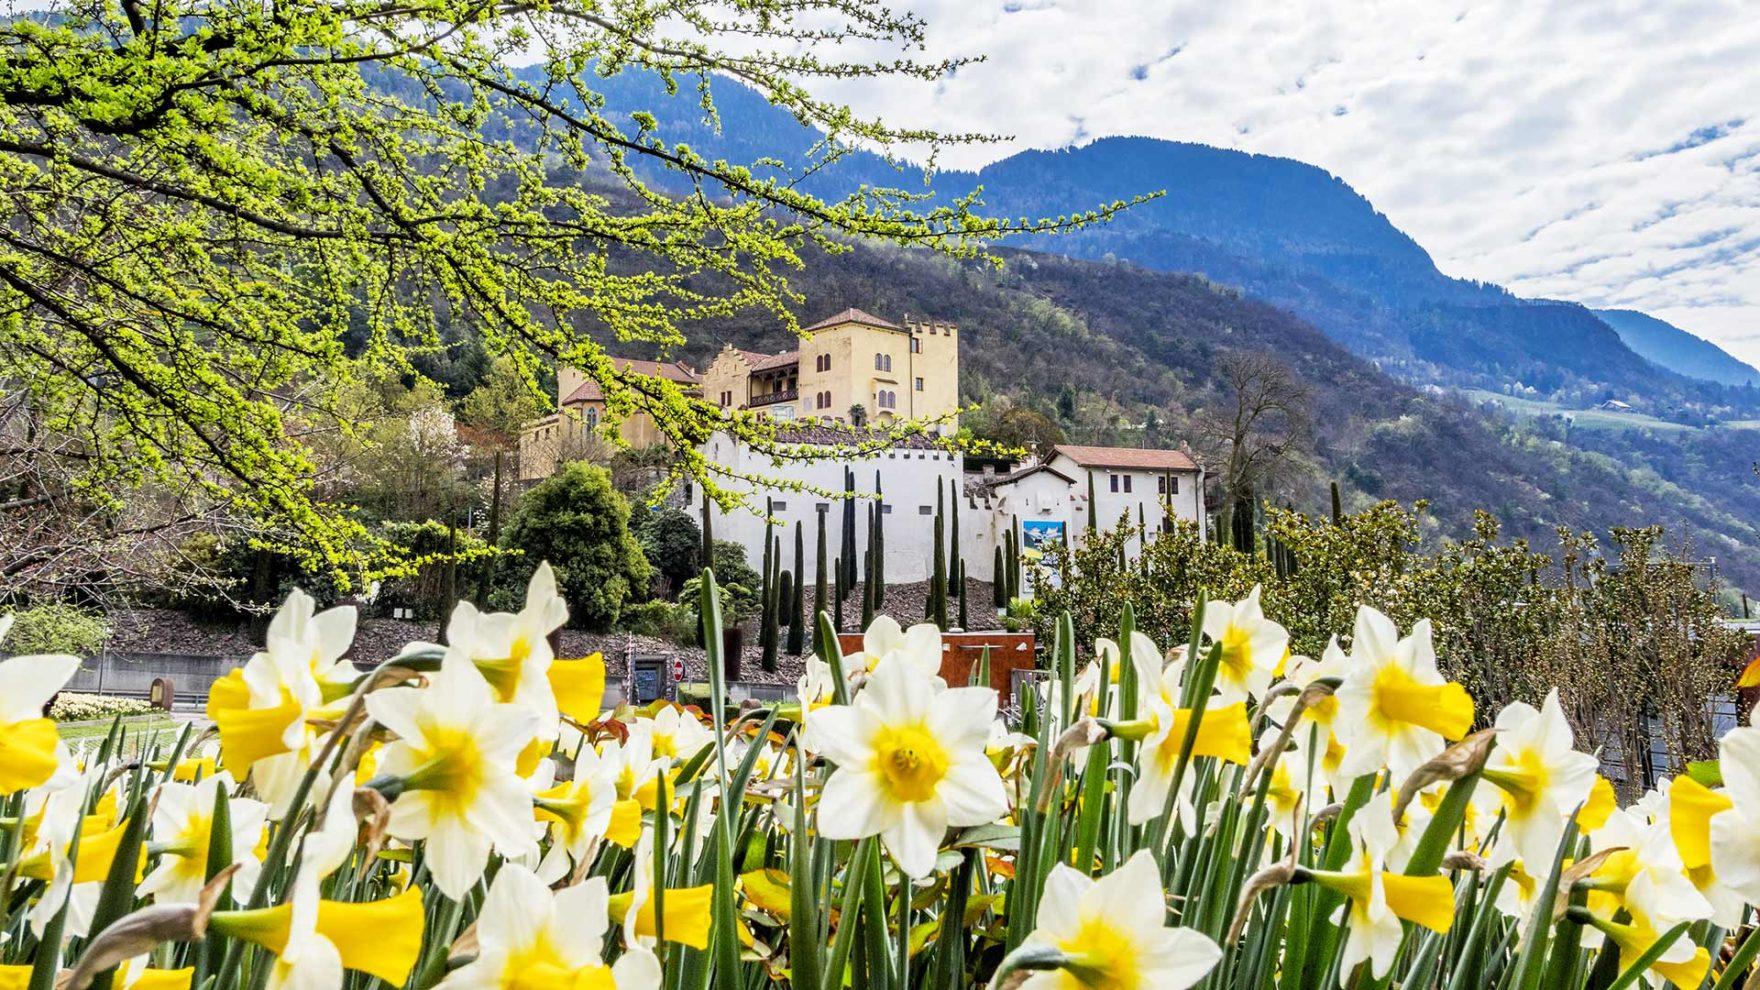 Die Gärten von Schloss Trauttmansdorff in der Jahreszeit Frühling